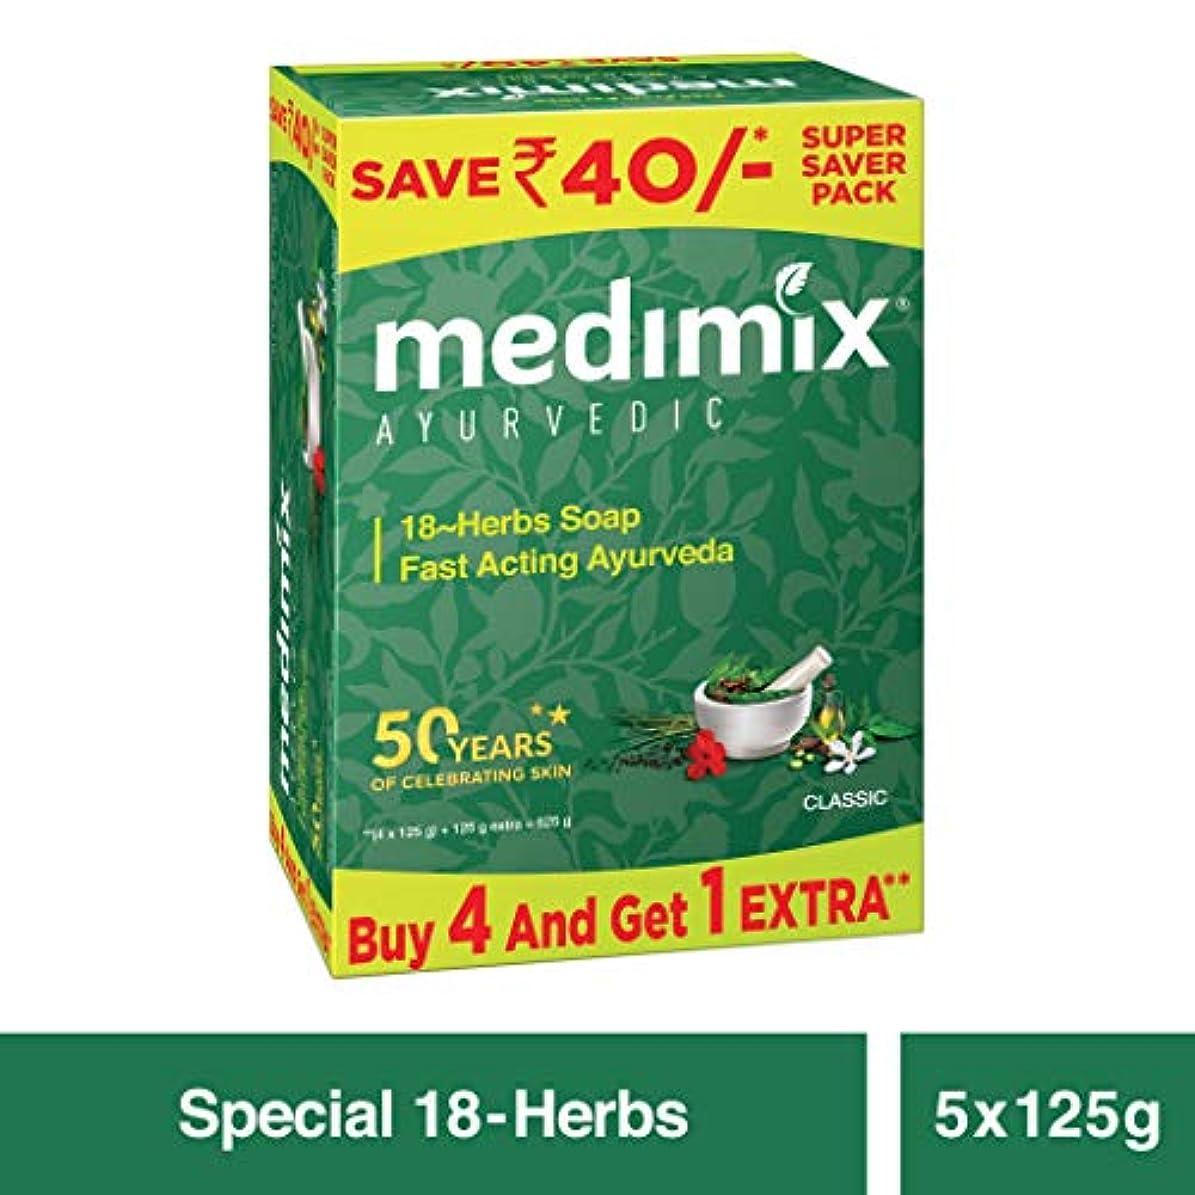 取り替えるほのかクライストチャーチMedimix Ayurvedic Classic 18 Herbs Soap, 125g (4+1 Super Saver Pack, Save Rs.40)